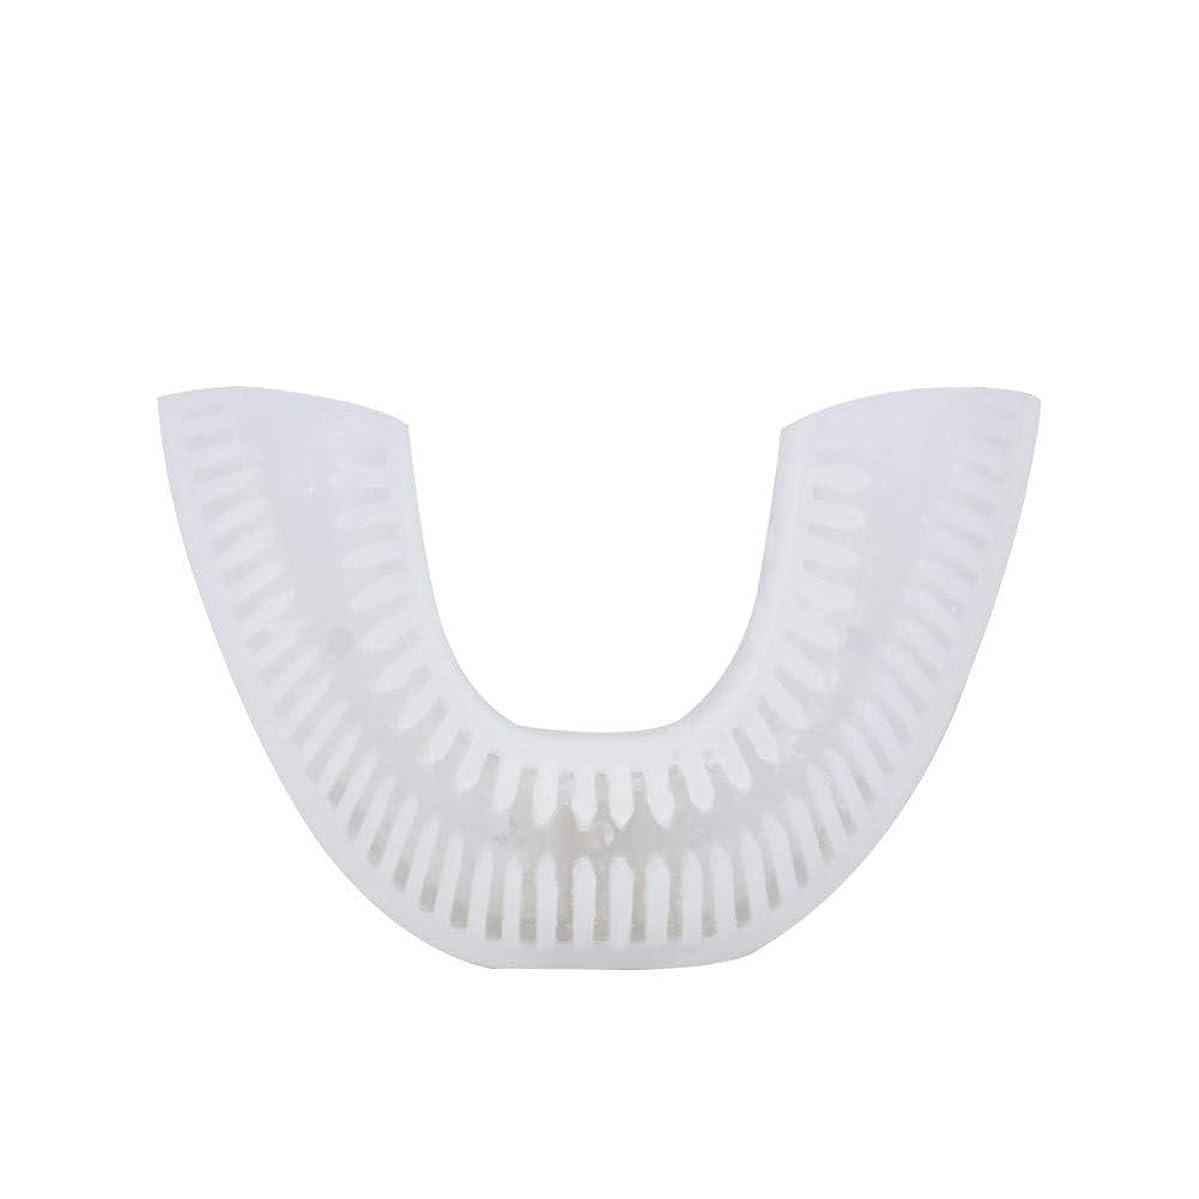 自動音波電動歯ブラシ充電式USB 4モードUタイプオーラルケア歯の歯ホワイトニングブルーコールドライト、F